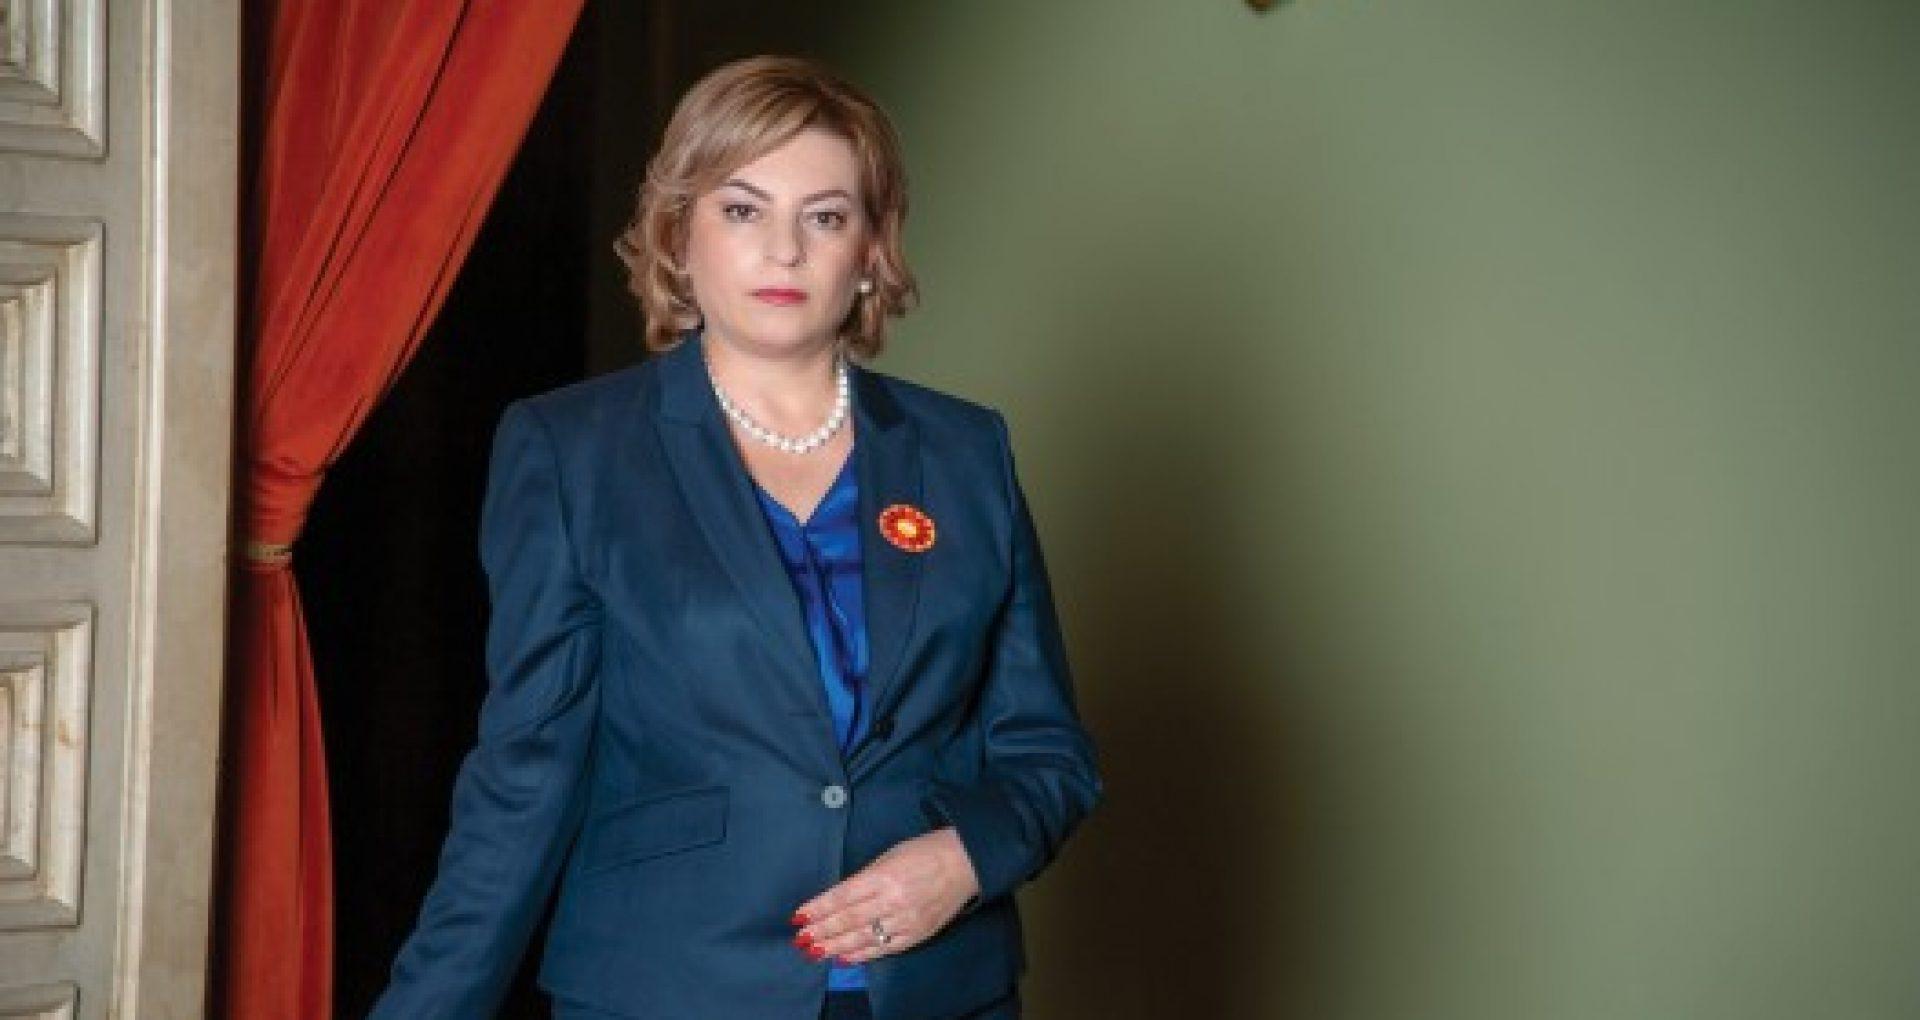 CV-ul Marianei Durleșteanu, candidata PSRM la funcția de premier. A fost ministră în Guvernul Greceanîi și ambasadoare în Regatul Unit